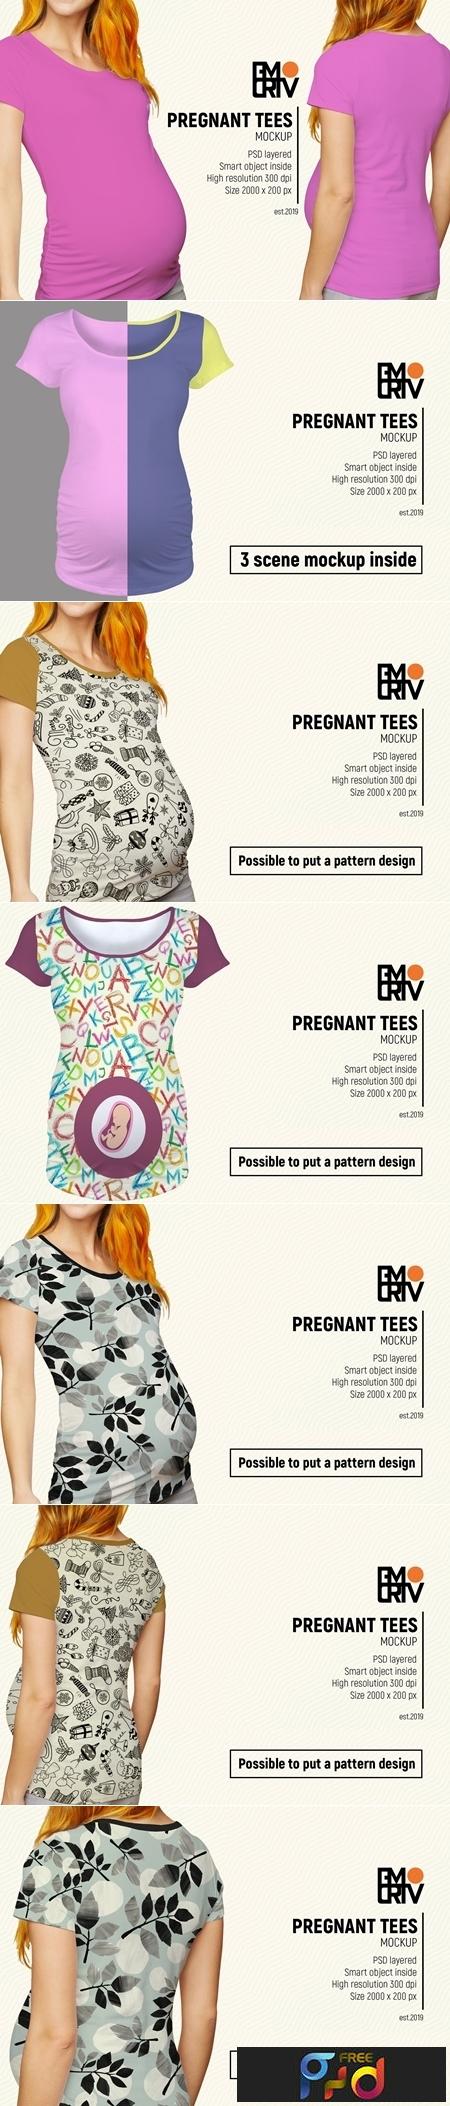 Pregnant Tees Mockup 3476076 1